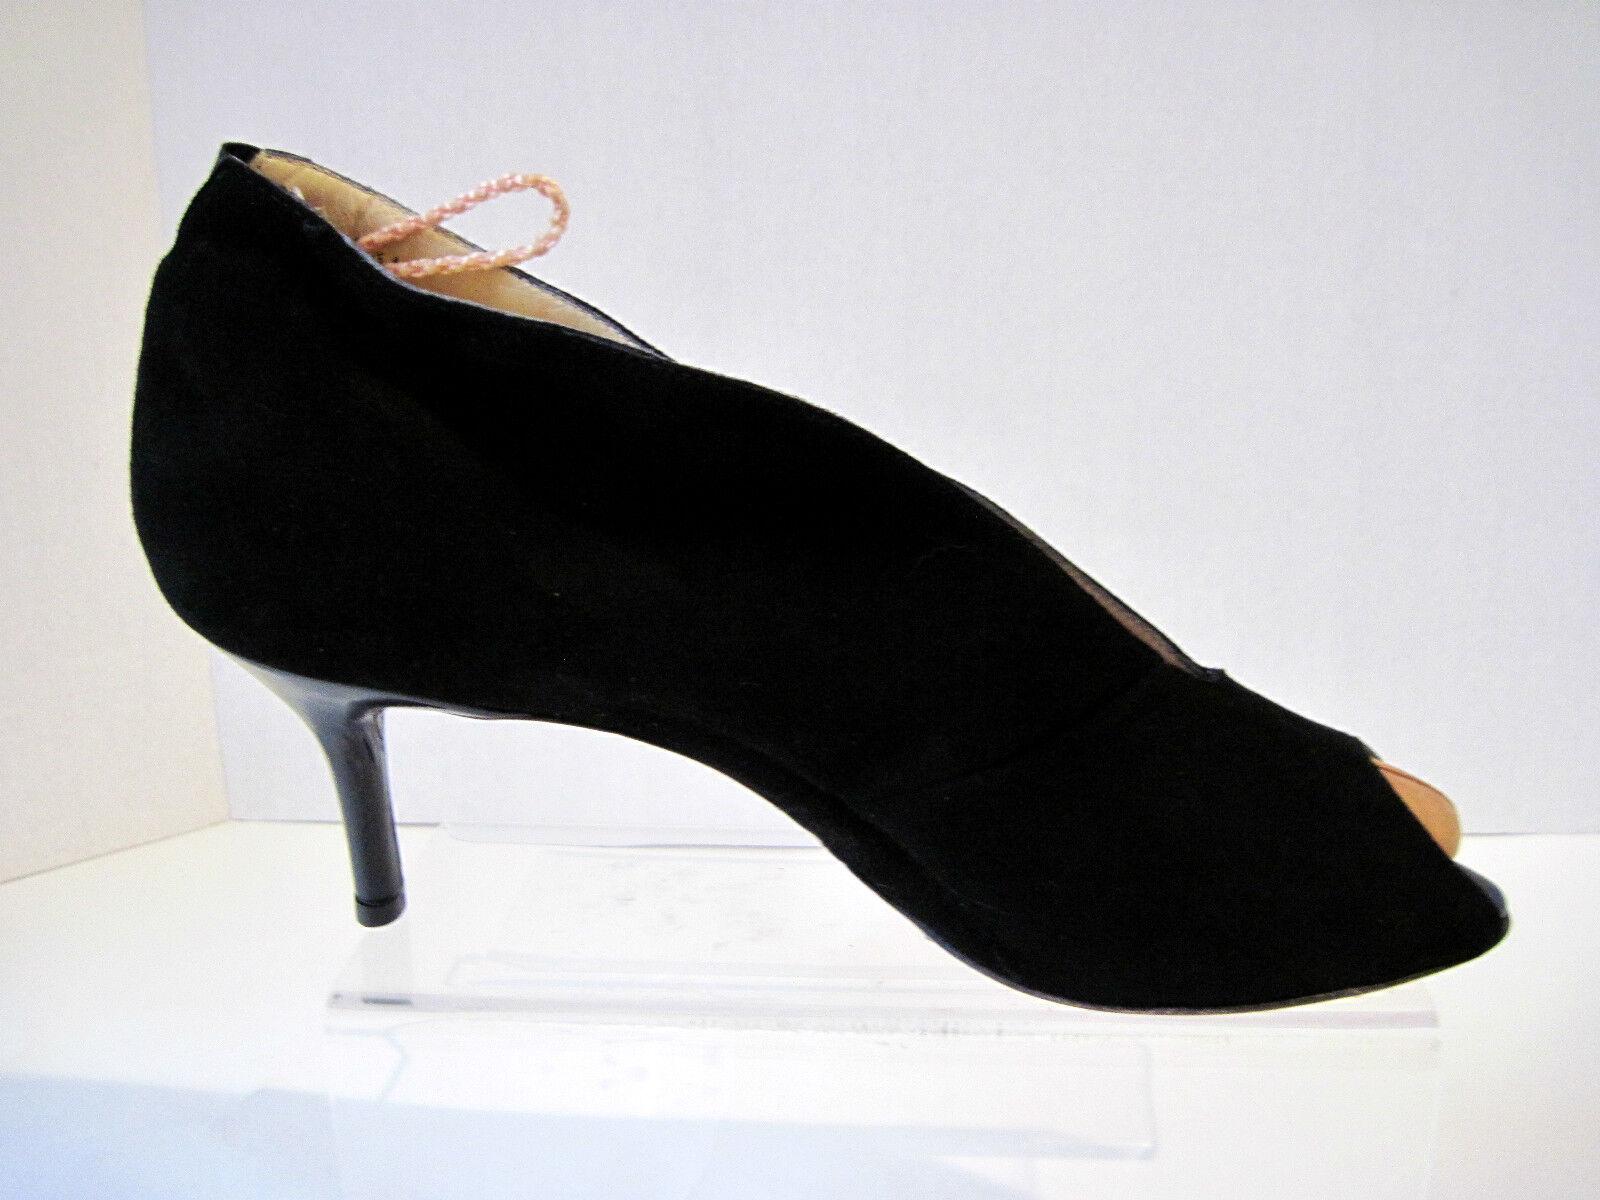 qualità garantita Amalfi by Rangoni Donna  nero Suede Peep Toe avvioies avvioies avvioies Dimensione 9 1 2 M,New  261.00  la migliore moda